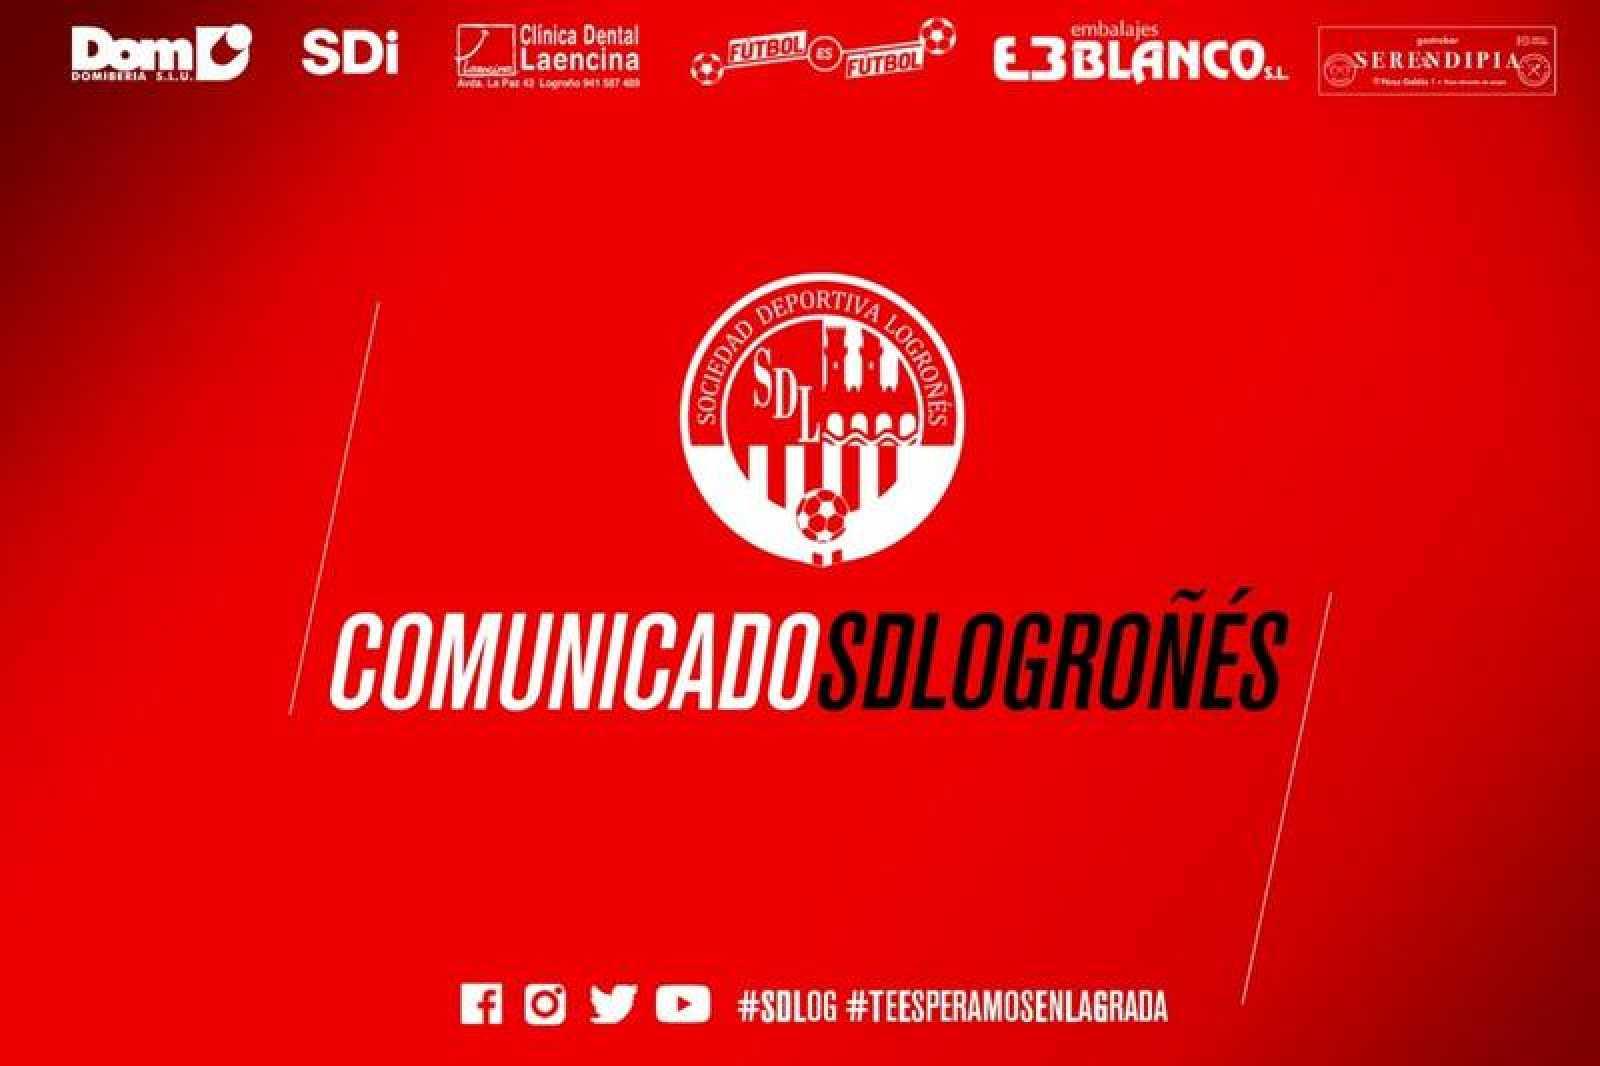 La SD Logroñés ha emitido un comunicado de repulsa a la presunta agresión sexual.